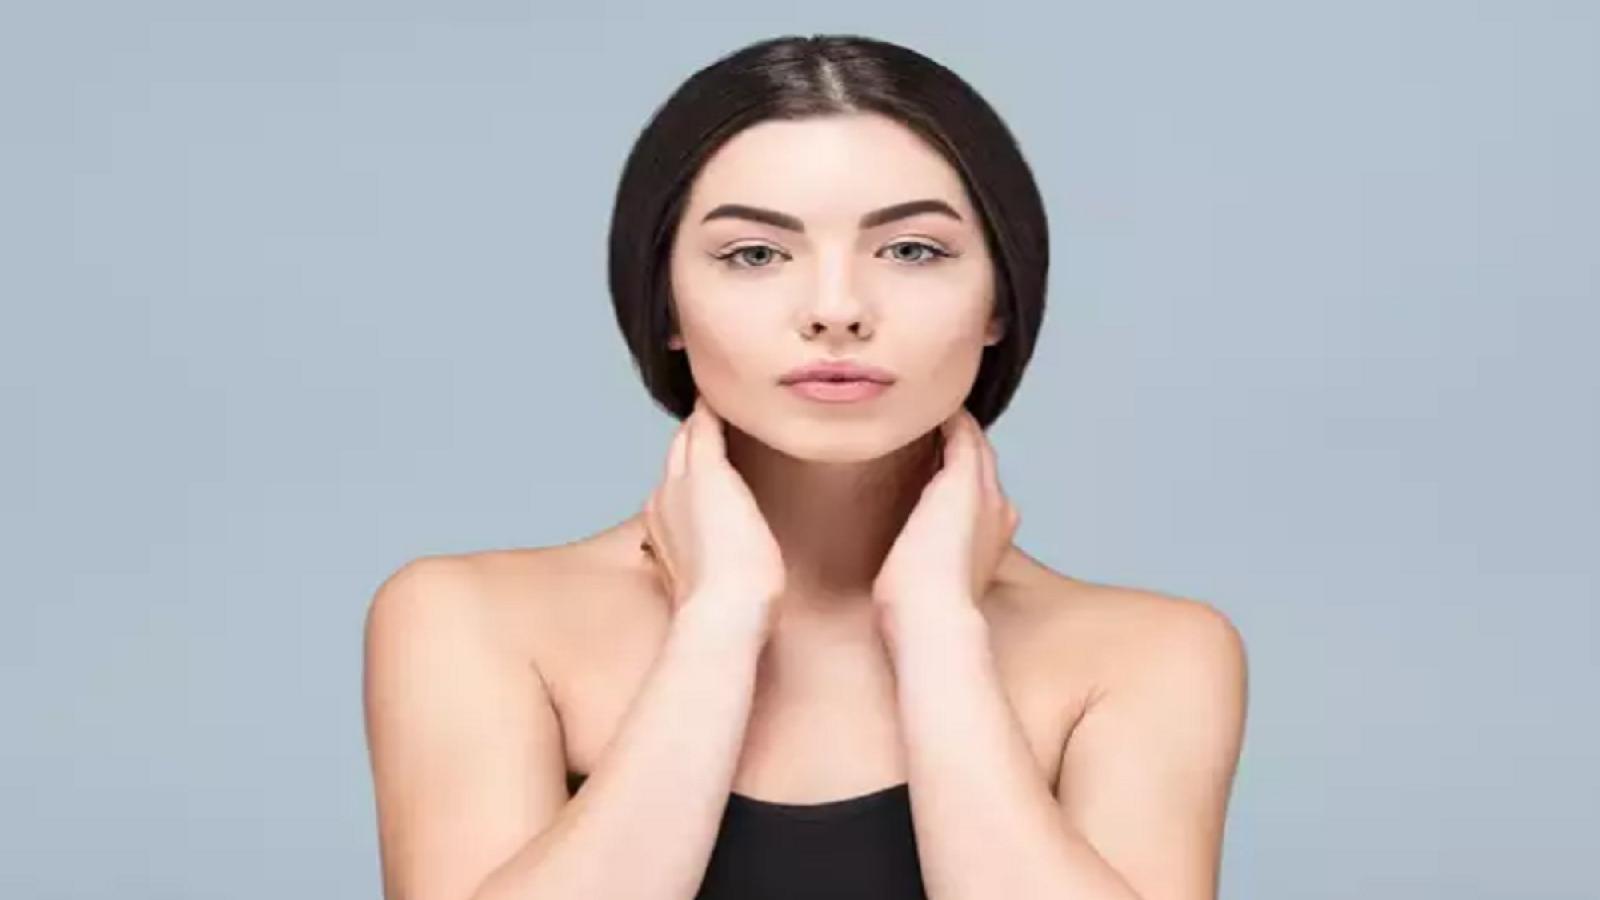 Quy trình 4 bước chăm sóc để có làn da tươi sáng